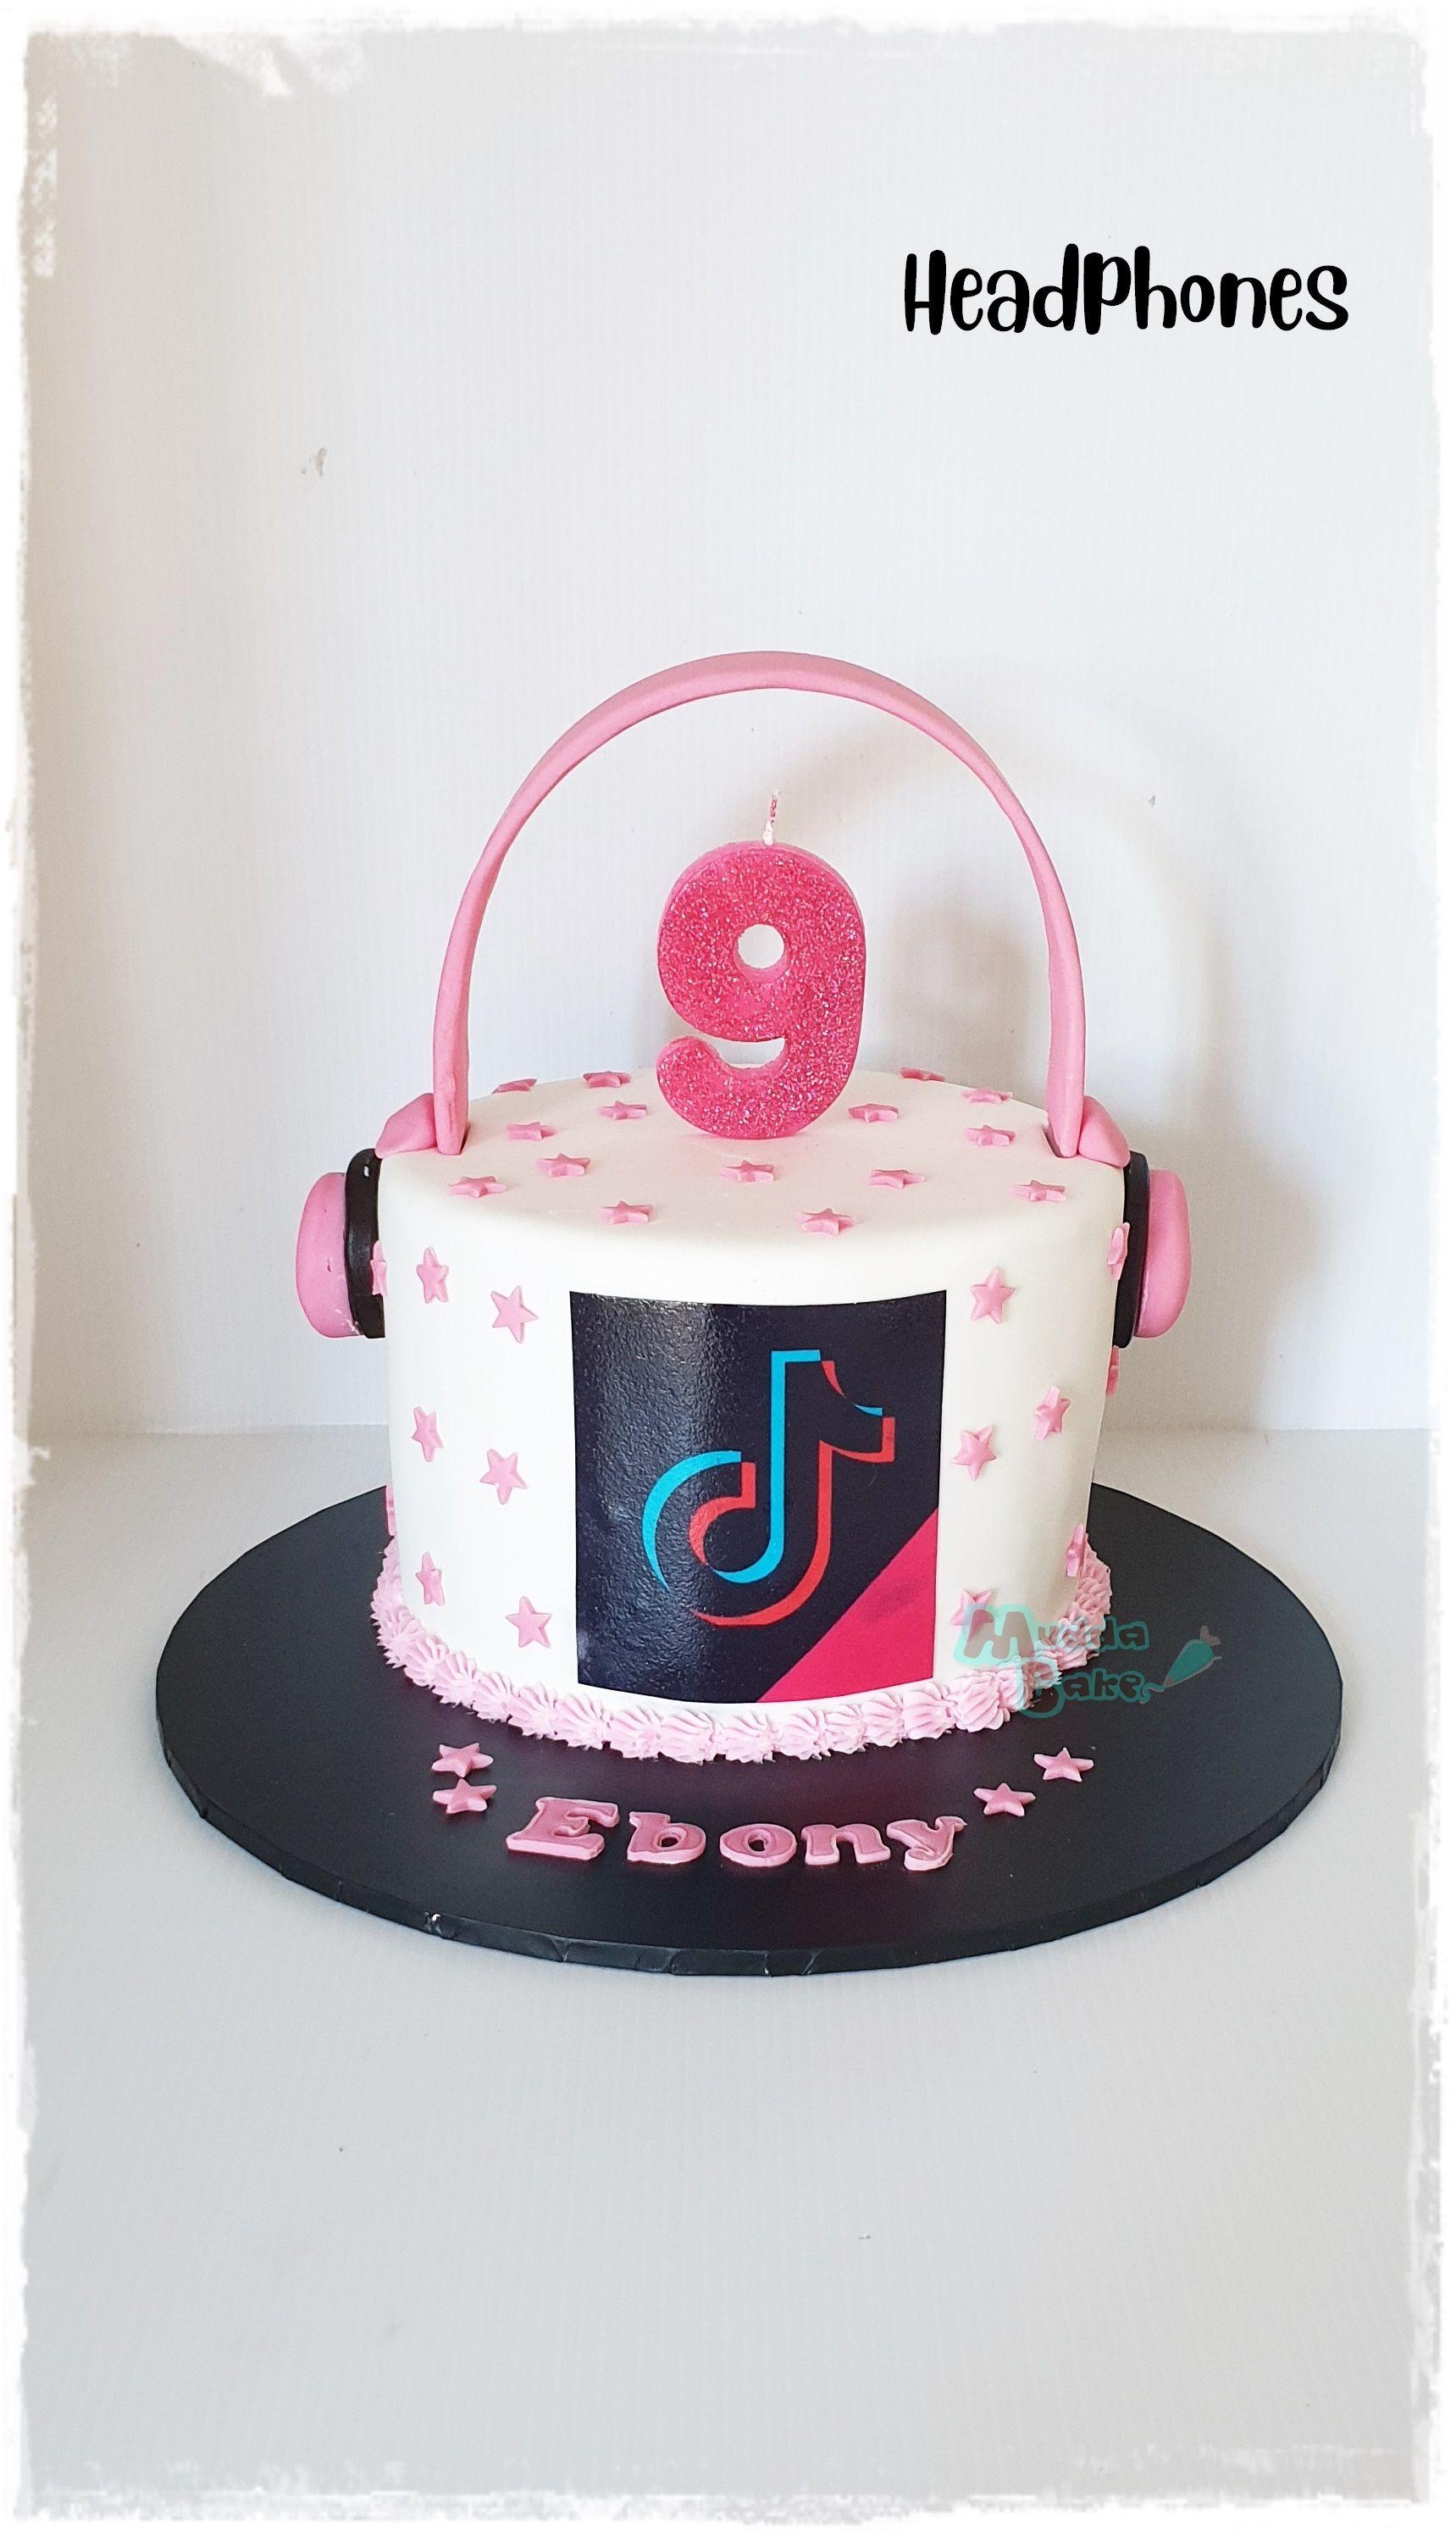 Headphones Tik Tok Cake Unique Birthday Cakes 10th Birthday Cakes For Girls Cute Birthday Cakes